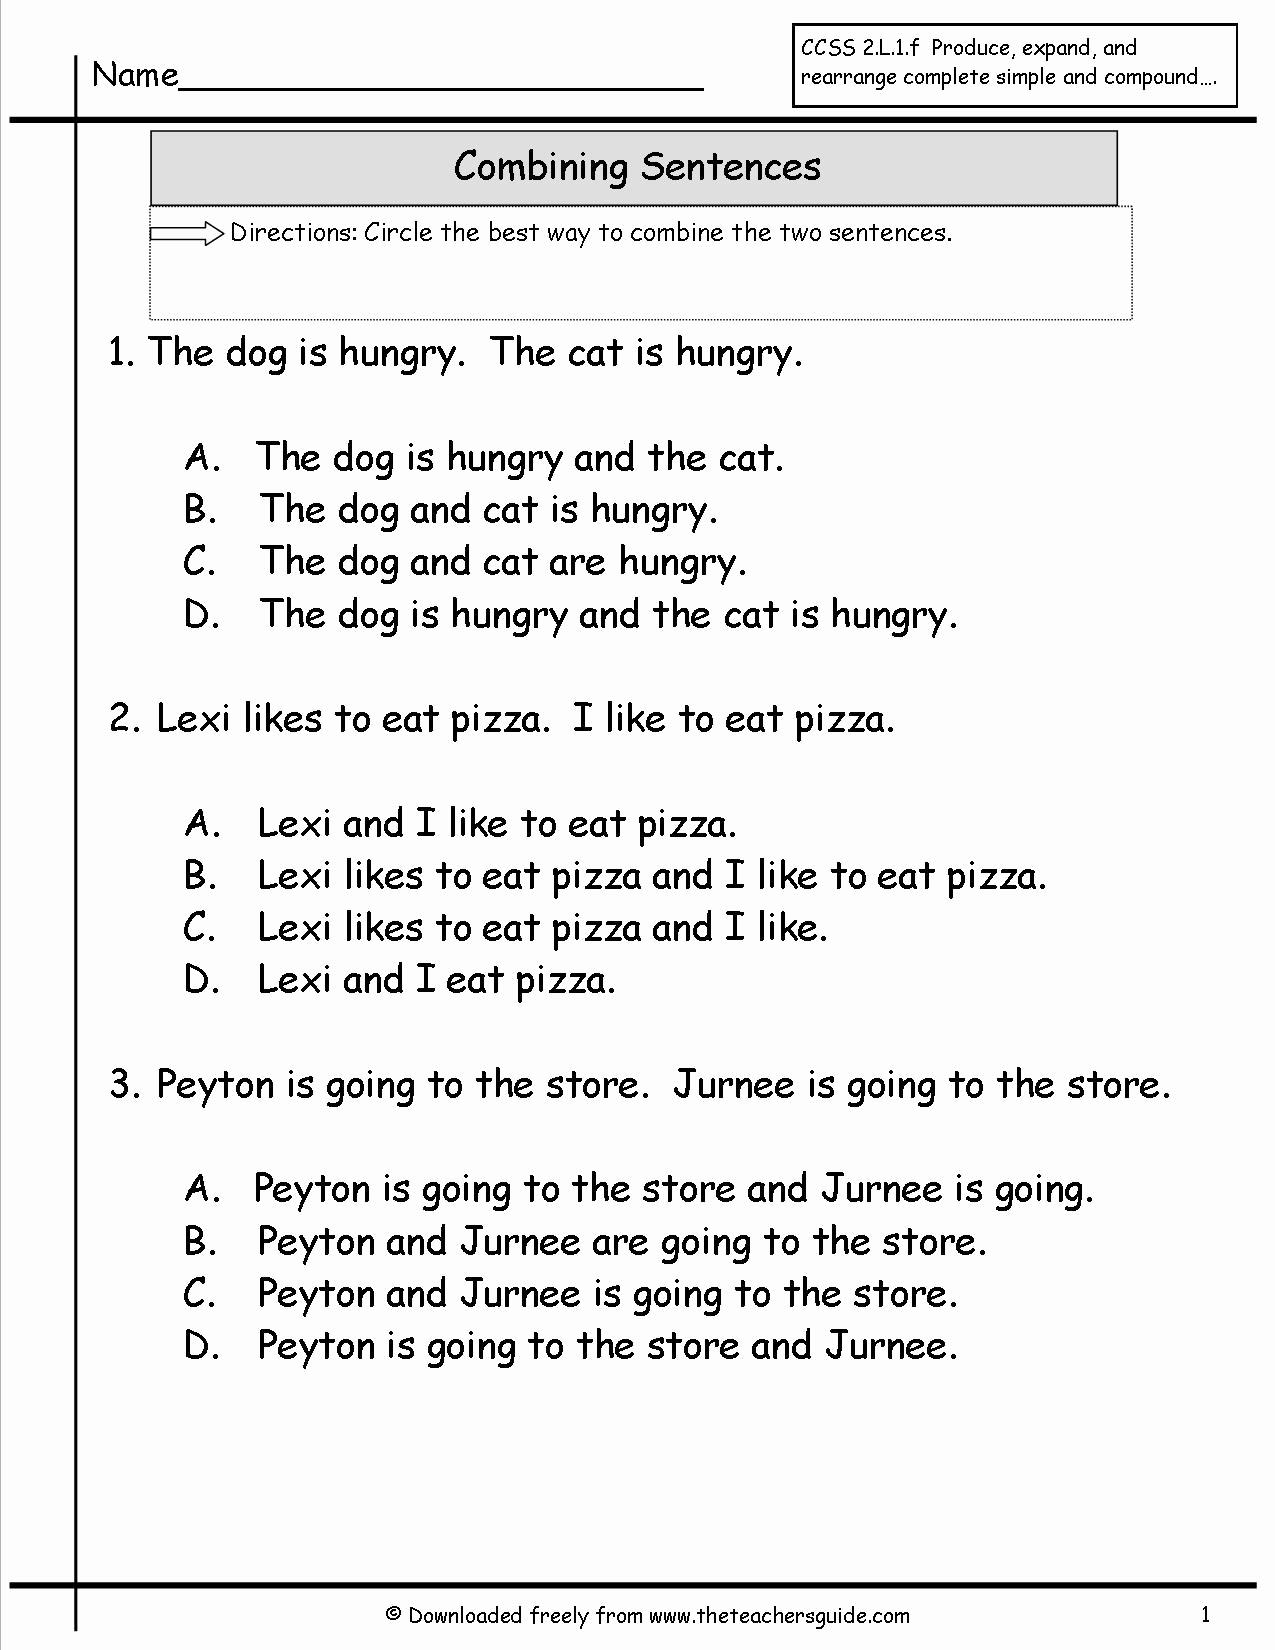 Scrambled Sentences Worksheets 2nd Grade Unique 20 Scrambled Sentences Worksheets 2nd Grade